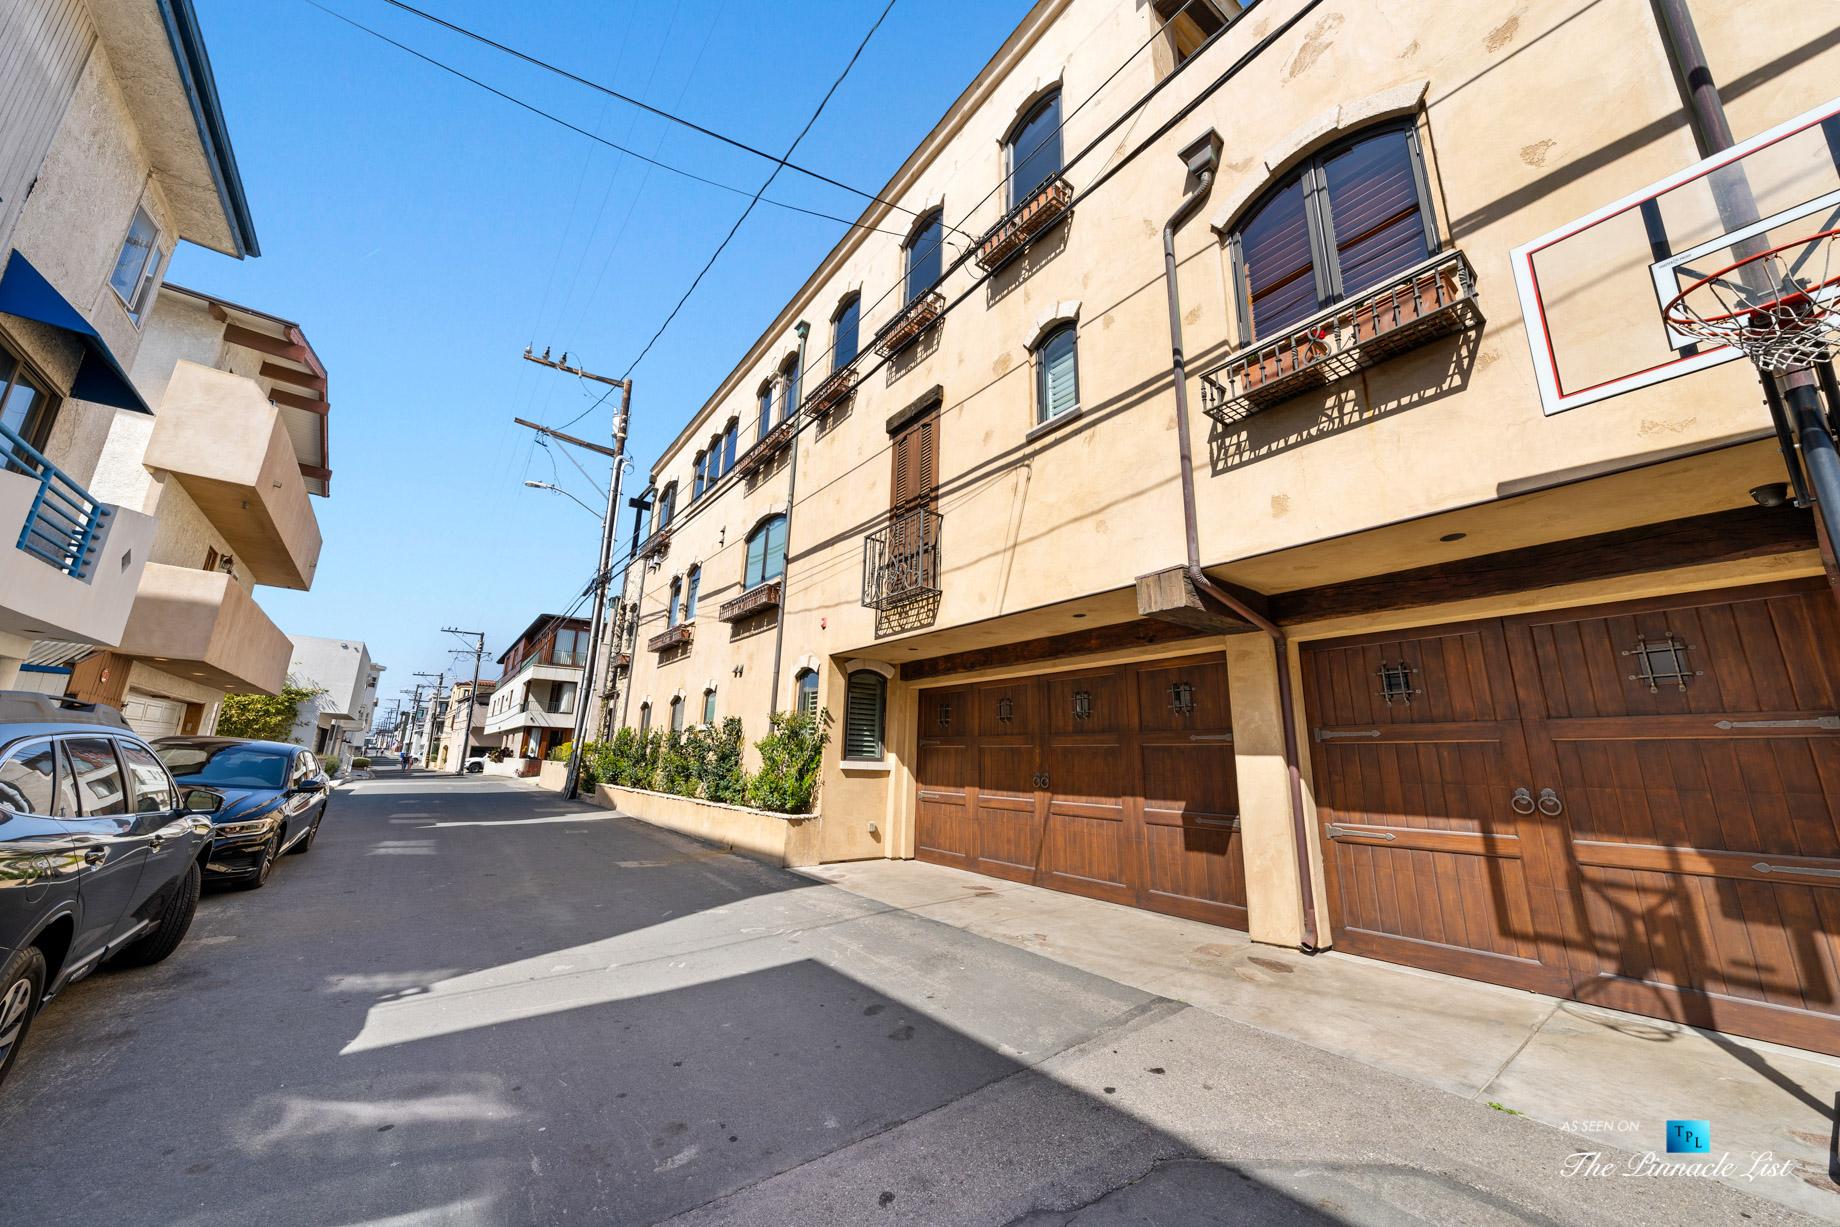 216 7th St, Manhattan Beach, CA, USA – Luxury Real Estate – Coastal Villa Home – House Rear Garage View